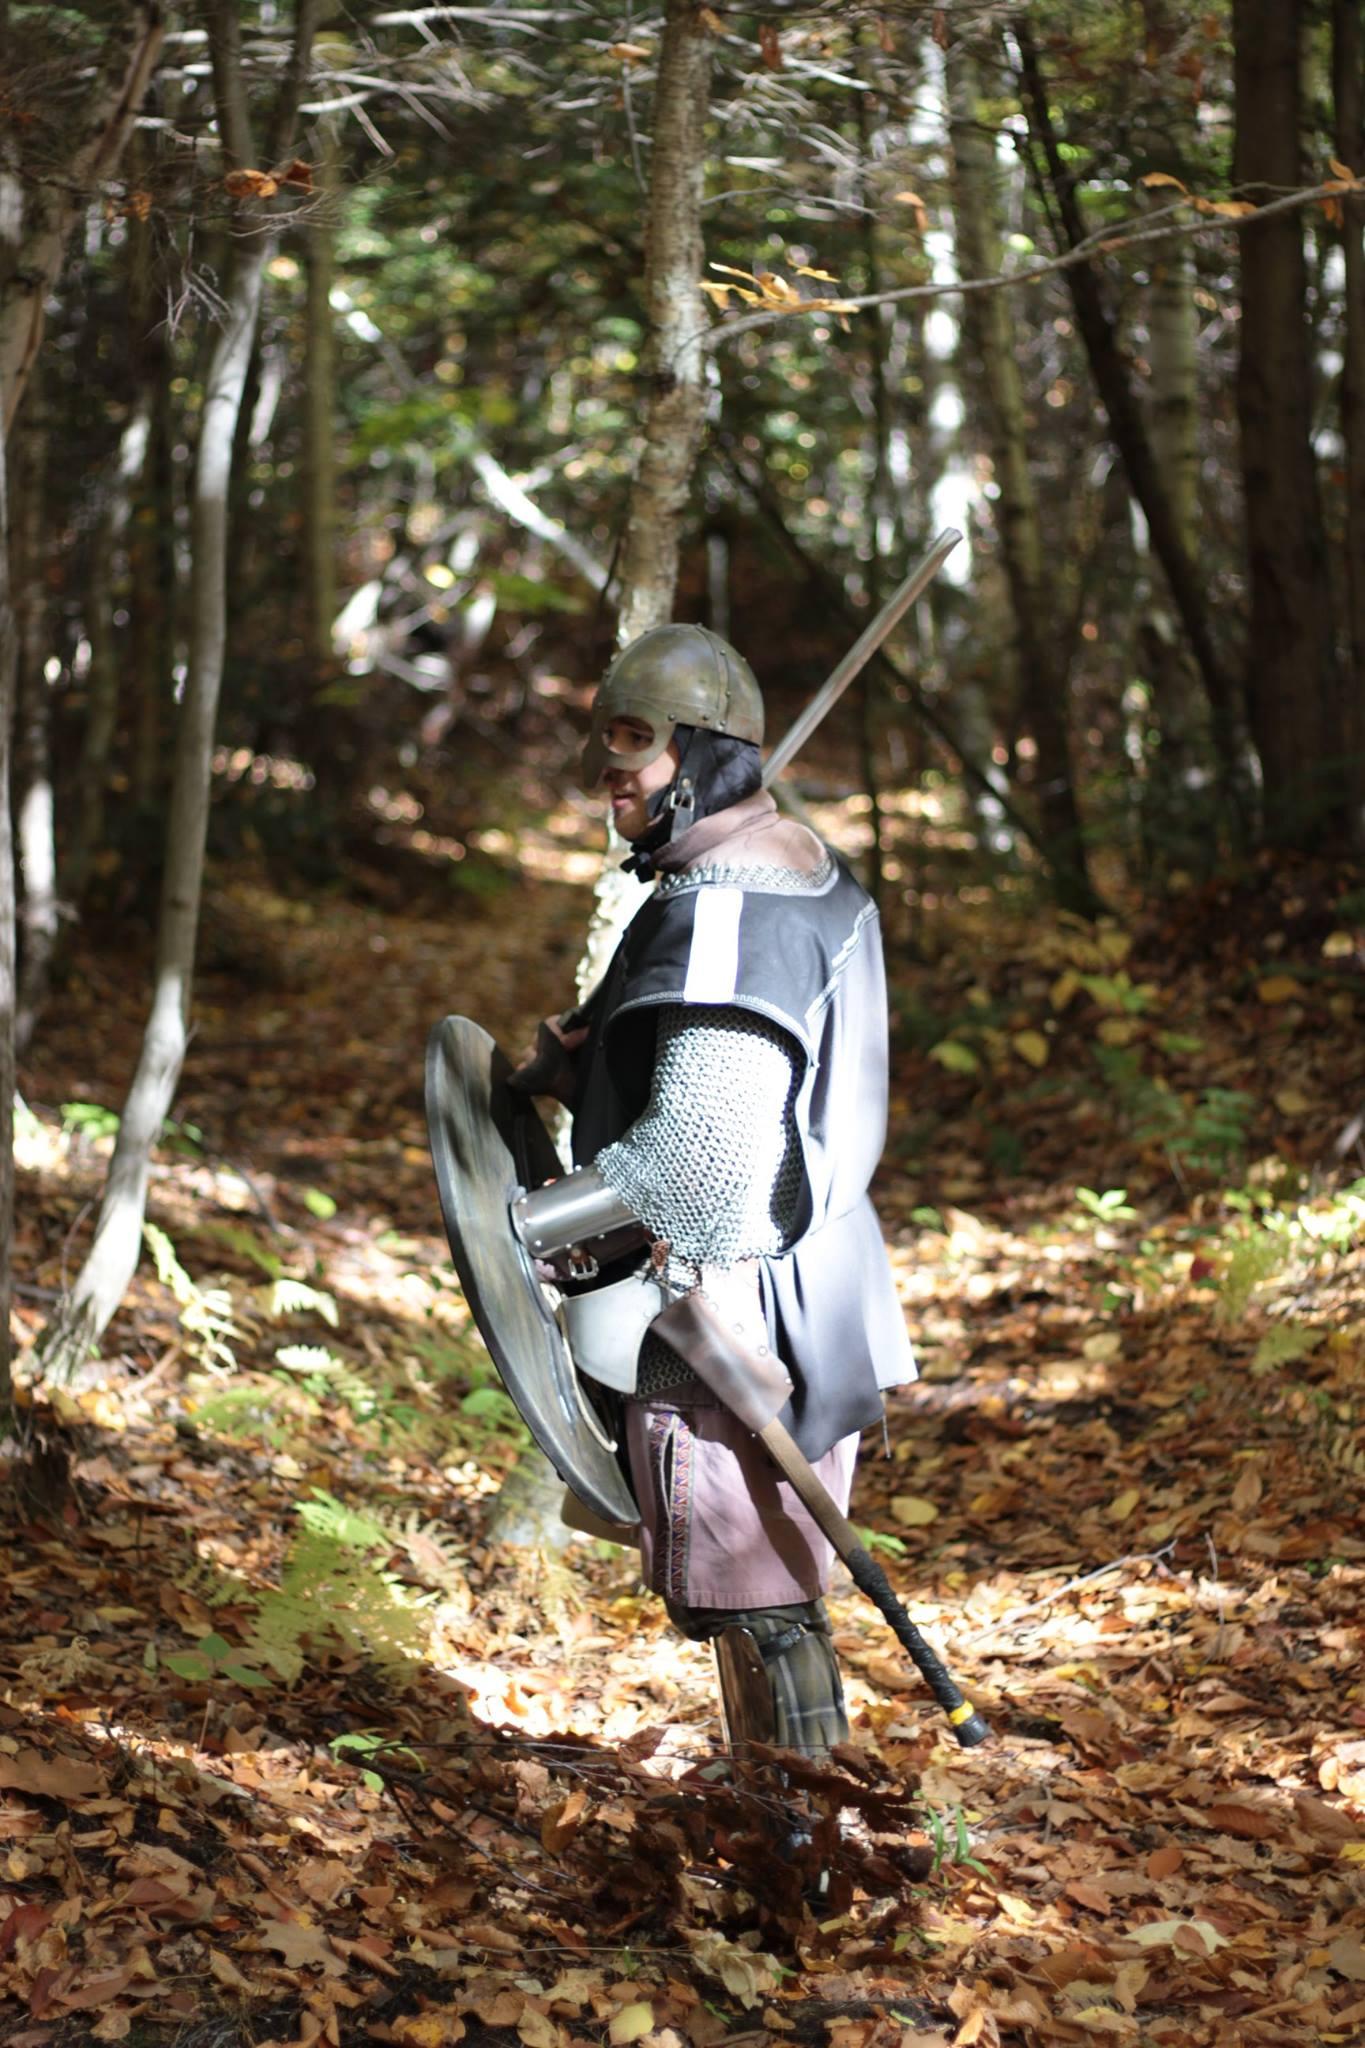 Hans viking au GN dans le bois.jpg